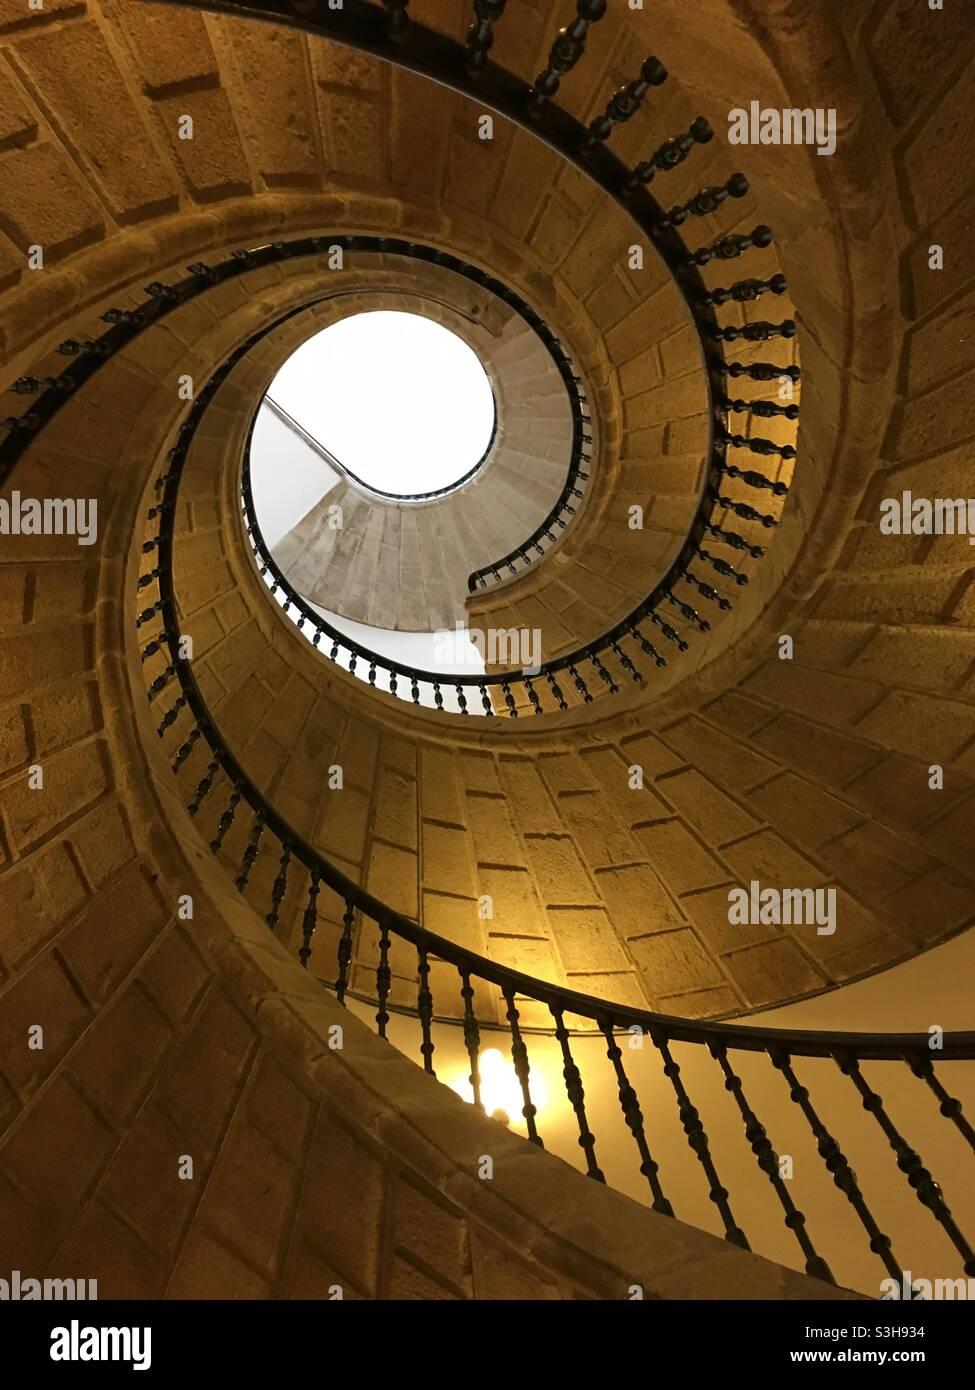 Wendeltreppe, direkt von unten gesehen, Museo del Pueblo Gallego, Santiago de Compostela, Spanien. Stockfoto